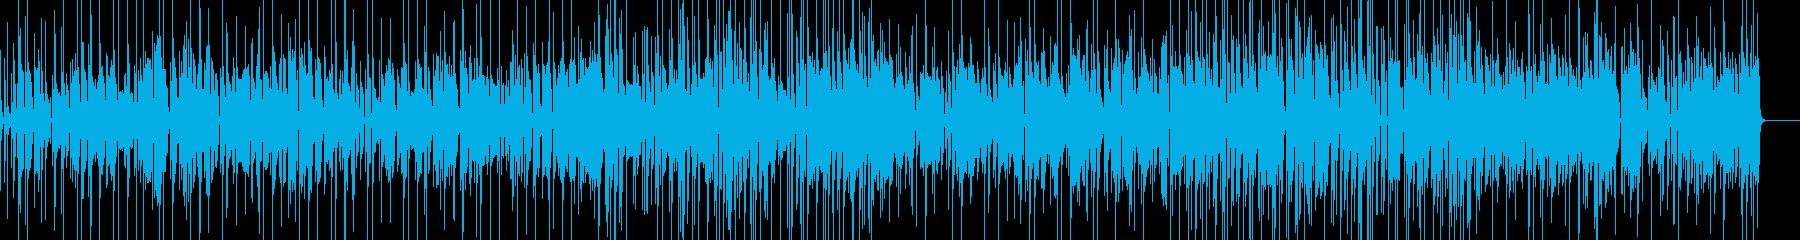 ちょっと落ち着いた雰囲気のシンプルR&Bの再生済みの波形